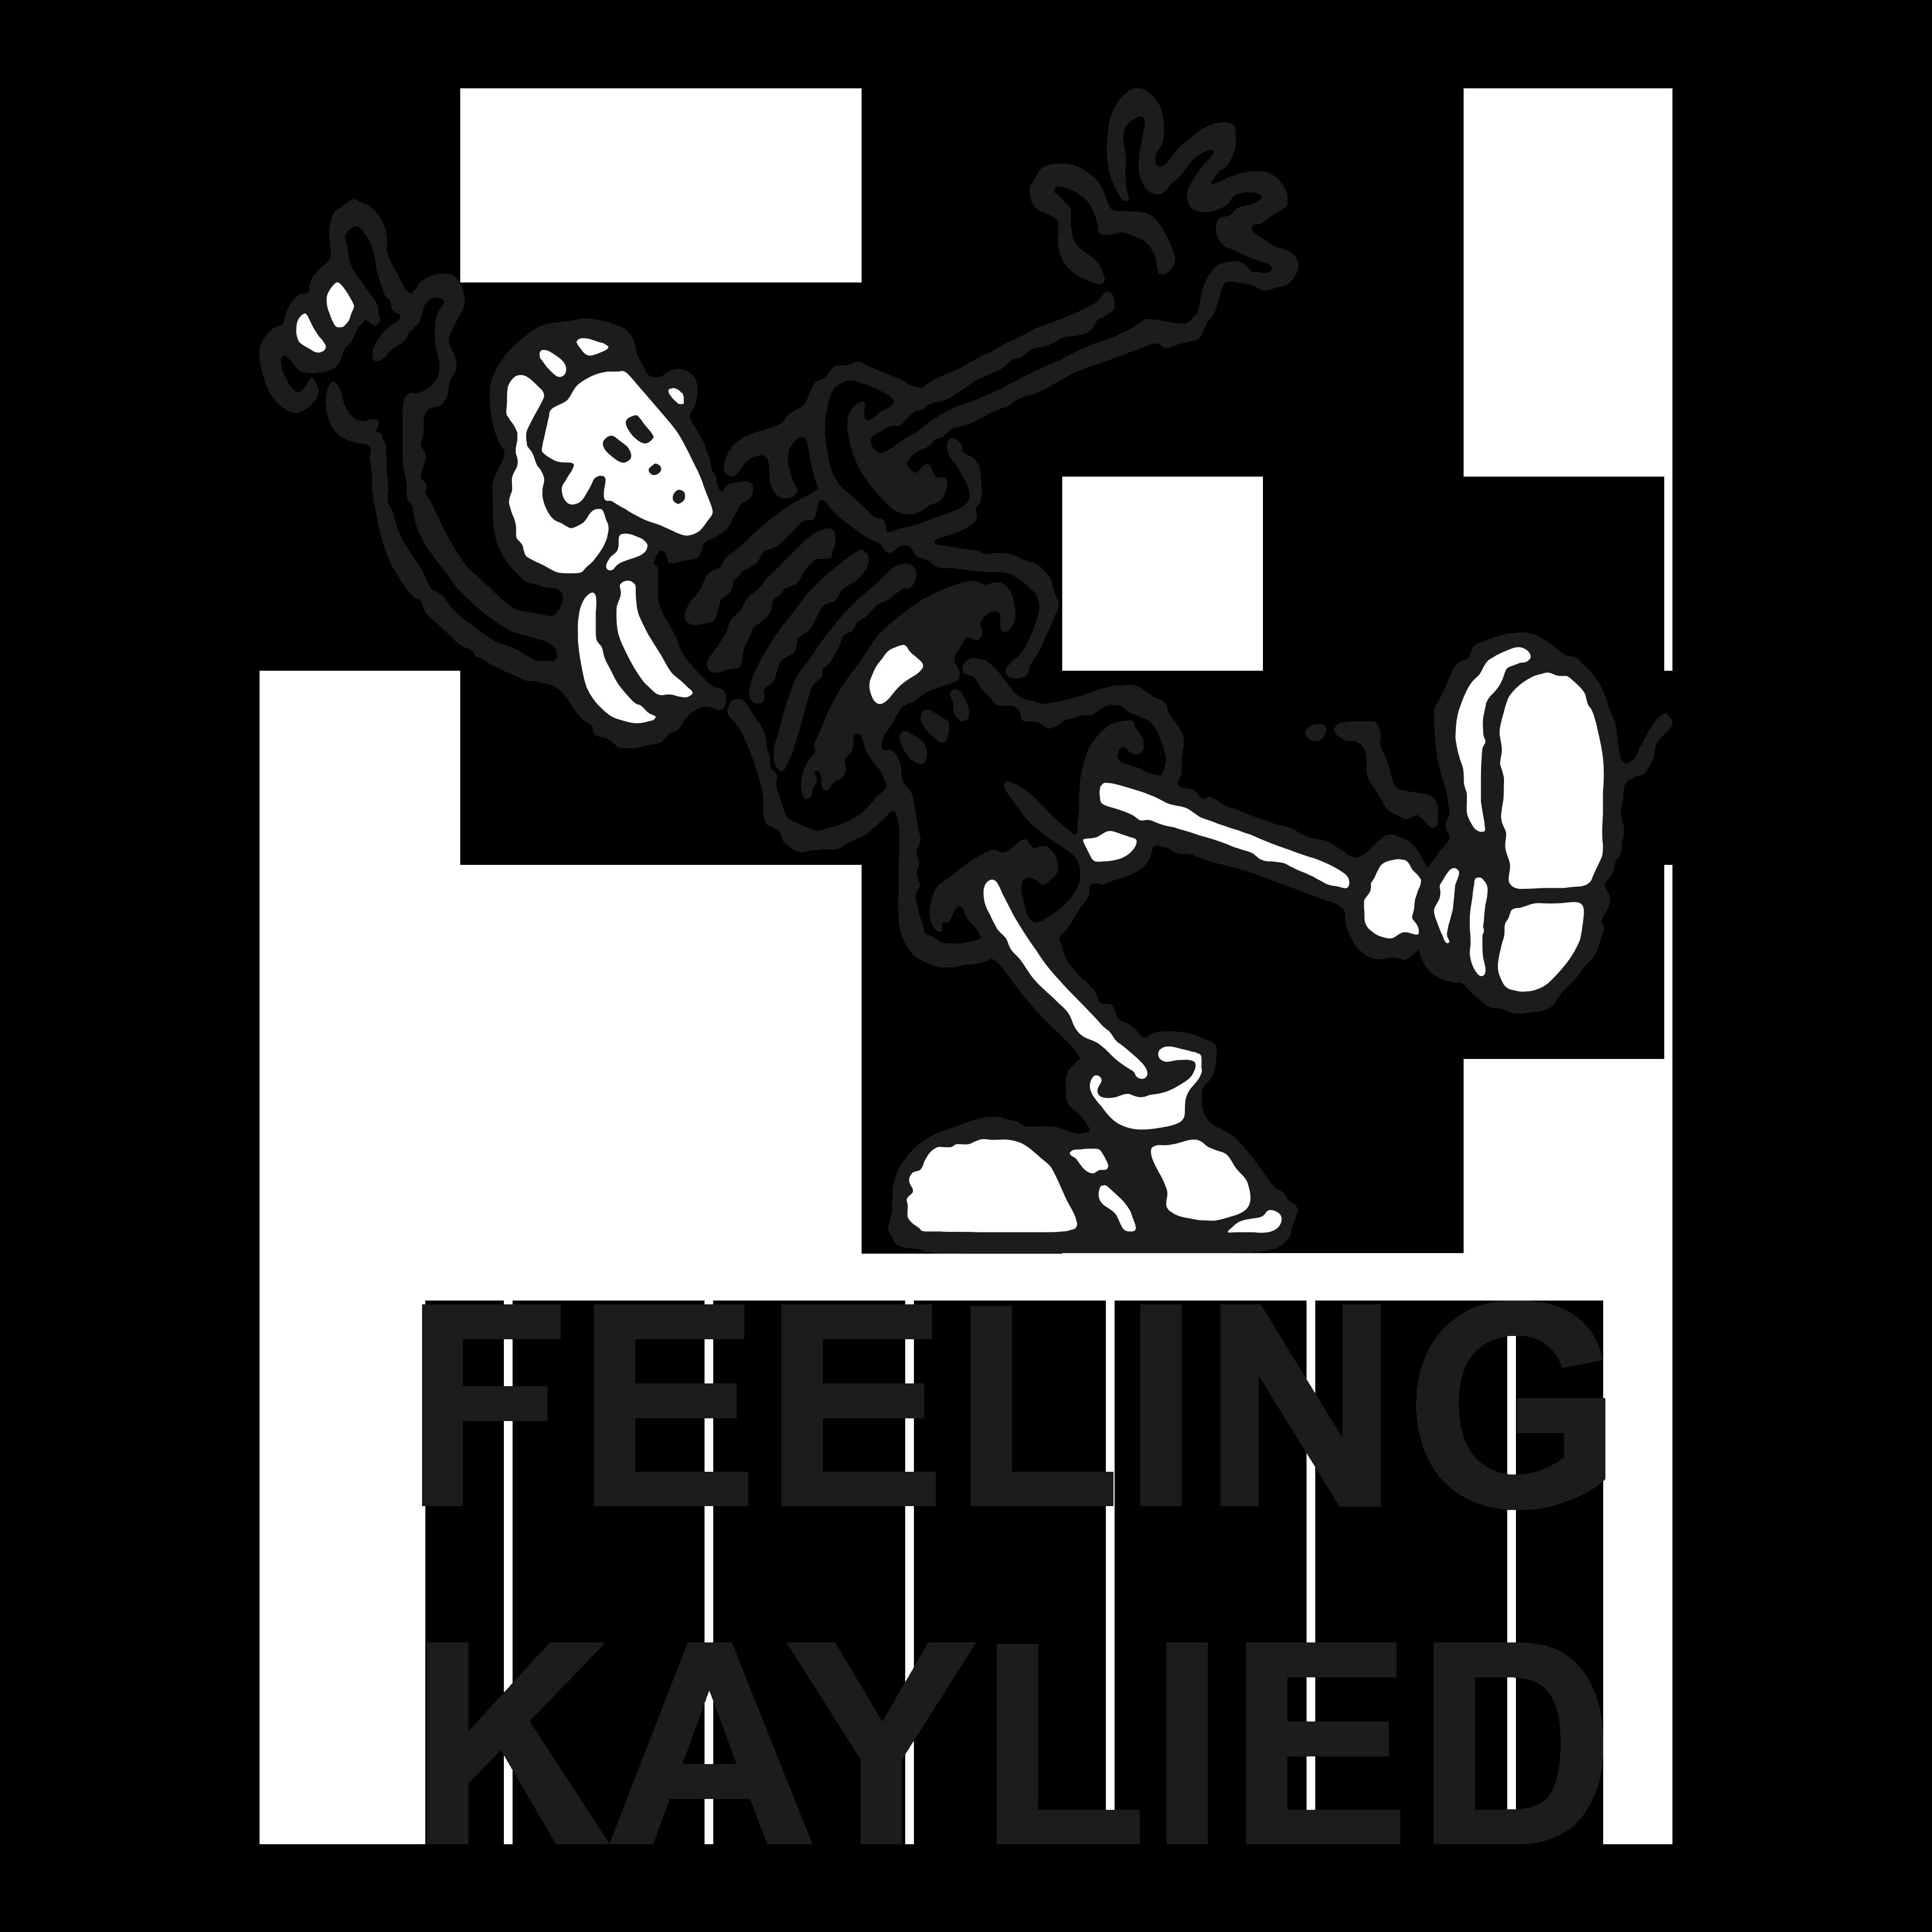 BLC006 - Feeling Kaylied